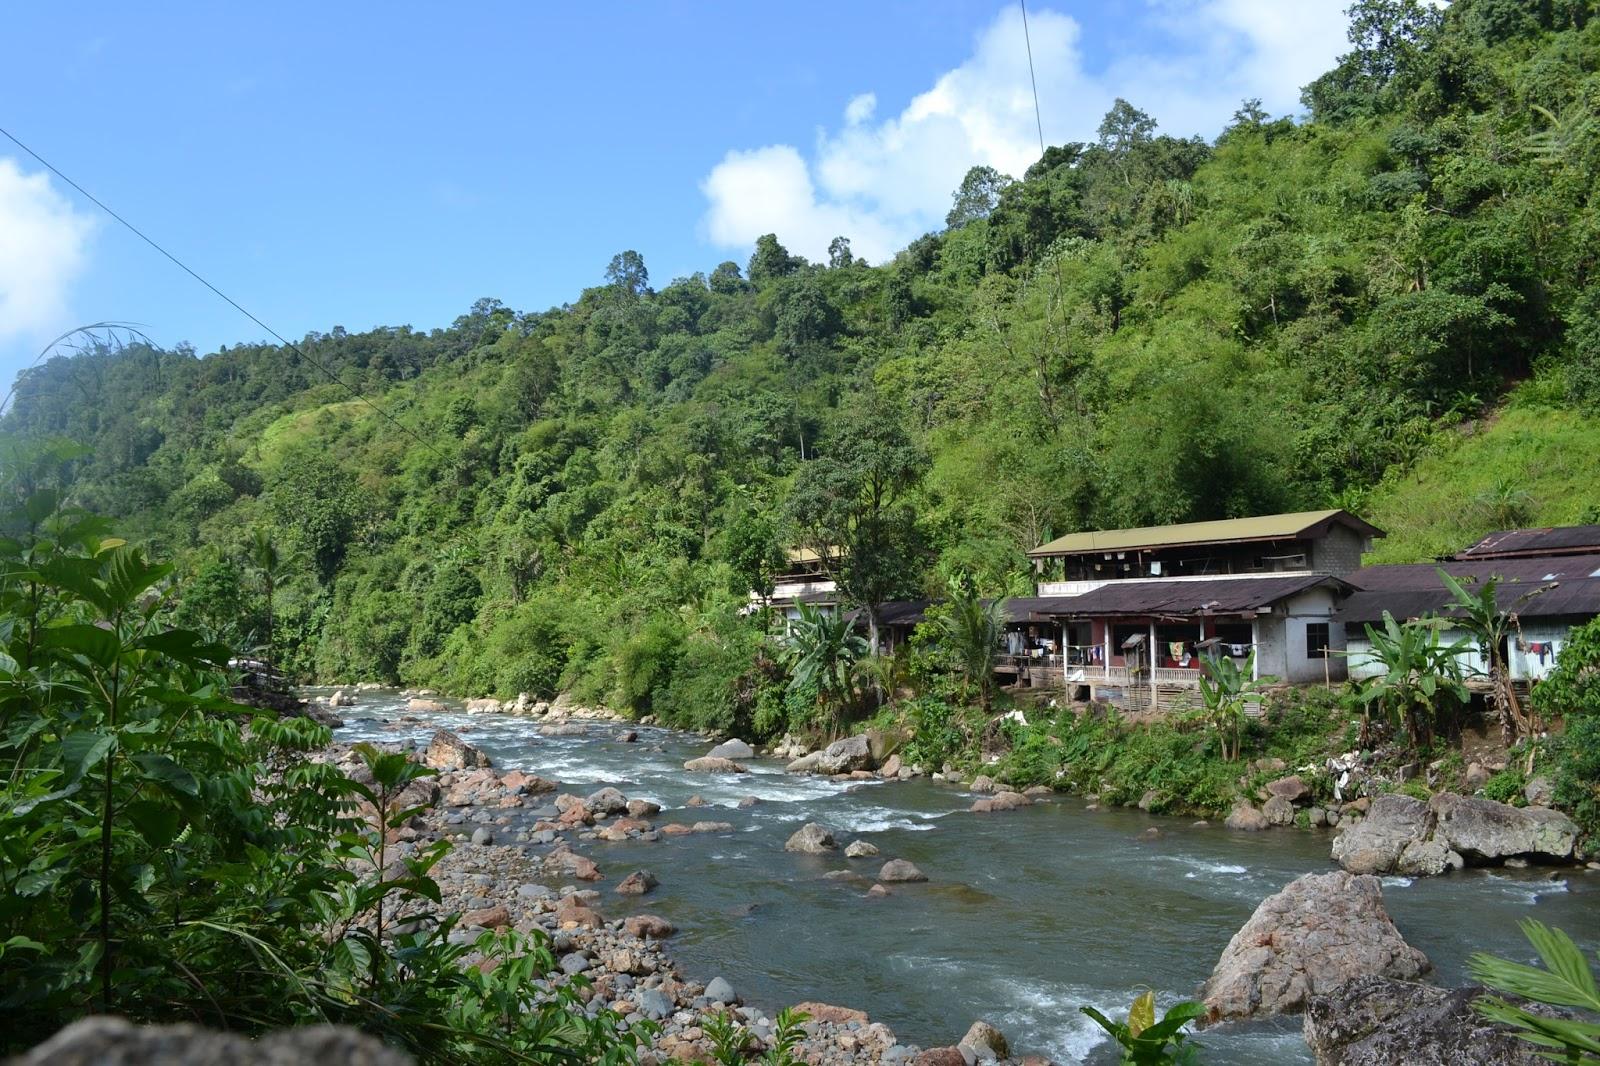 Nikmatnya Hidup Di Desa (Yuk Kembali Ke Desa)